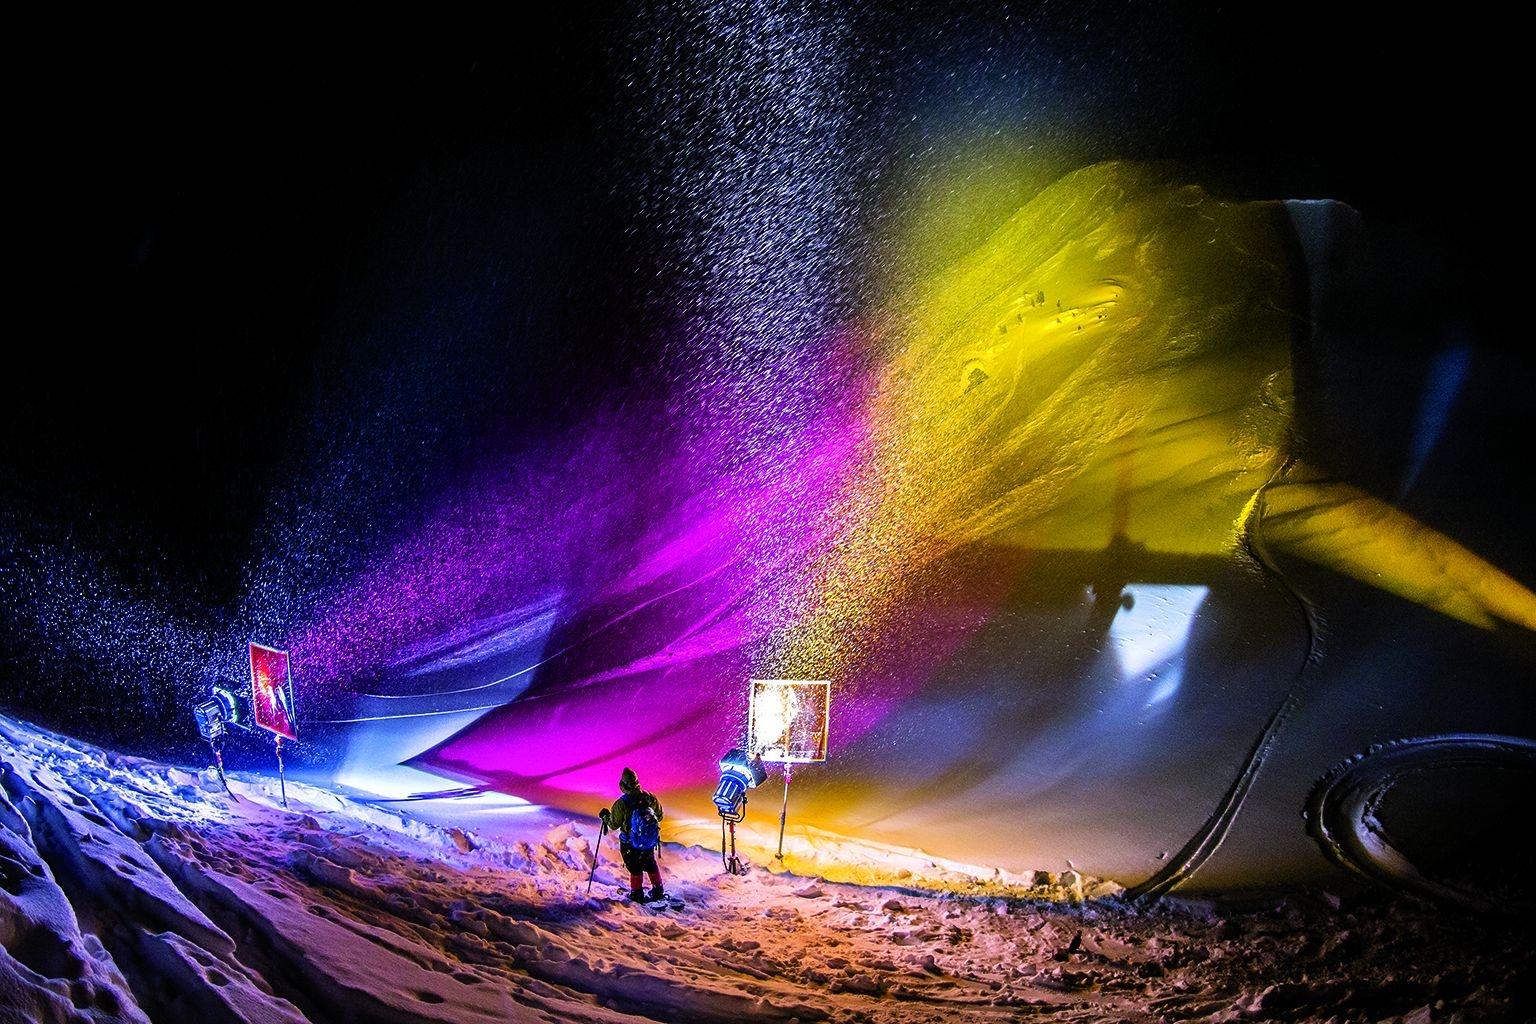 在不列顛哥倫比亞的戈爾登附近,穿著雪靴的燈光師在調整燈光。「每次拍攝都要花好幾個小時布置,」攝影師奧斯卡‧恩納德說,「因此我們一定要成功。」攝影:奧斯卡.恩納德 Oskar Enander